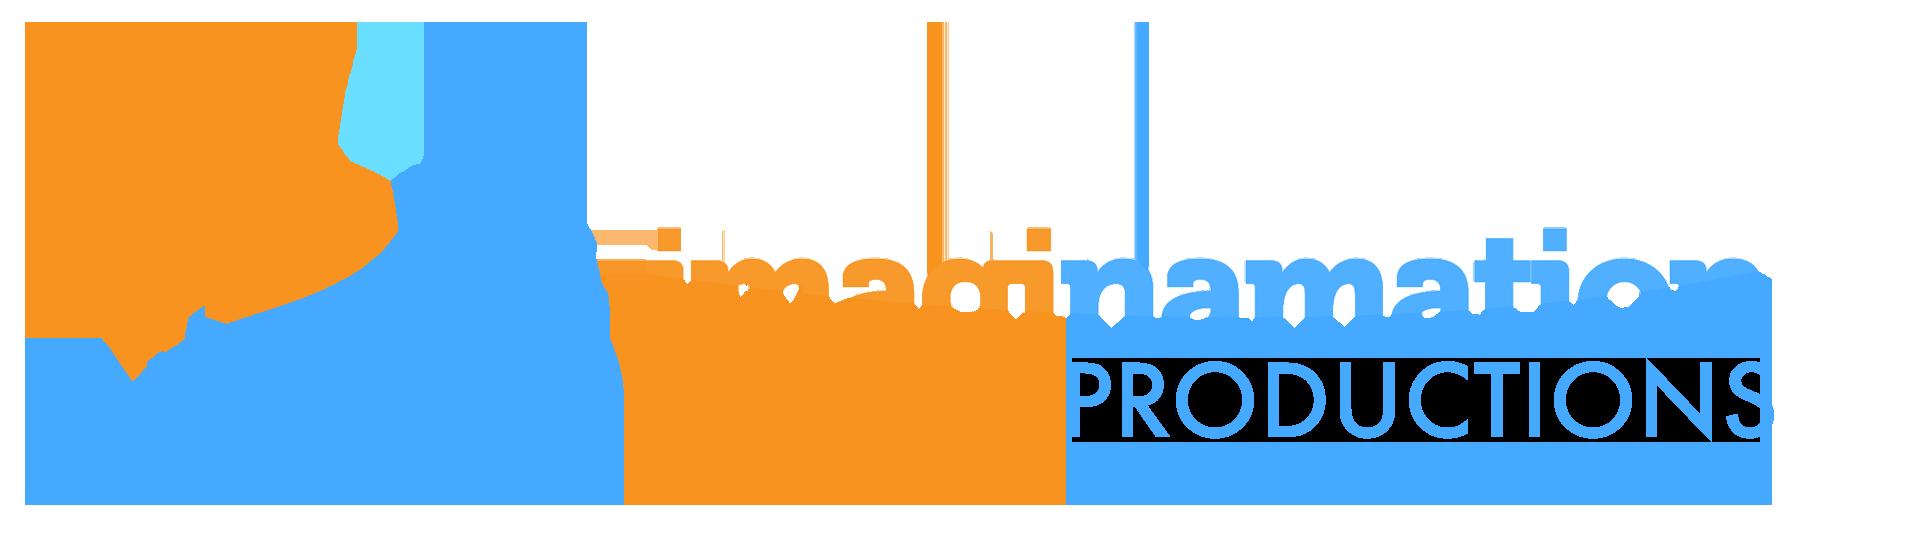 Imaginamation.png